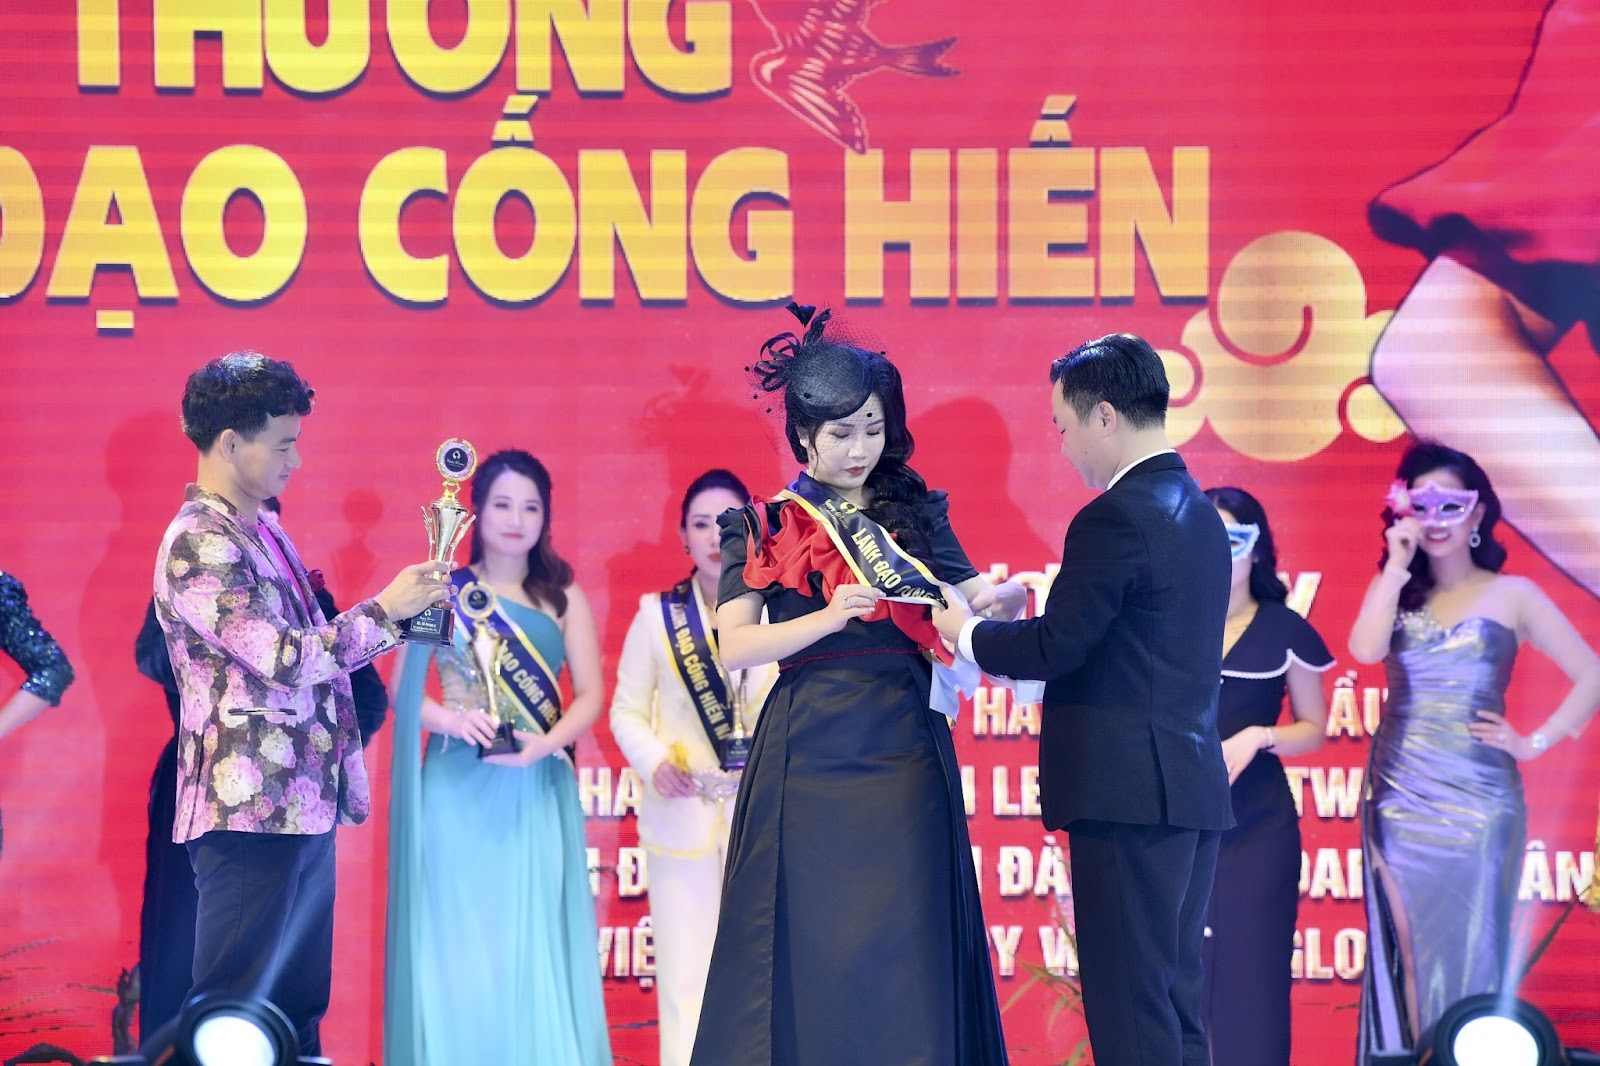 Chủ tịch MJU Group Đỗ Hương Ly - Nữ lãnh đạo cống hiến - Ảnh 6